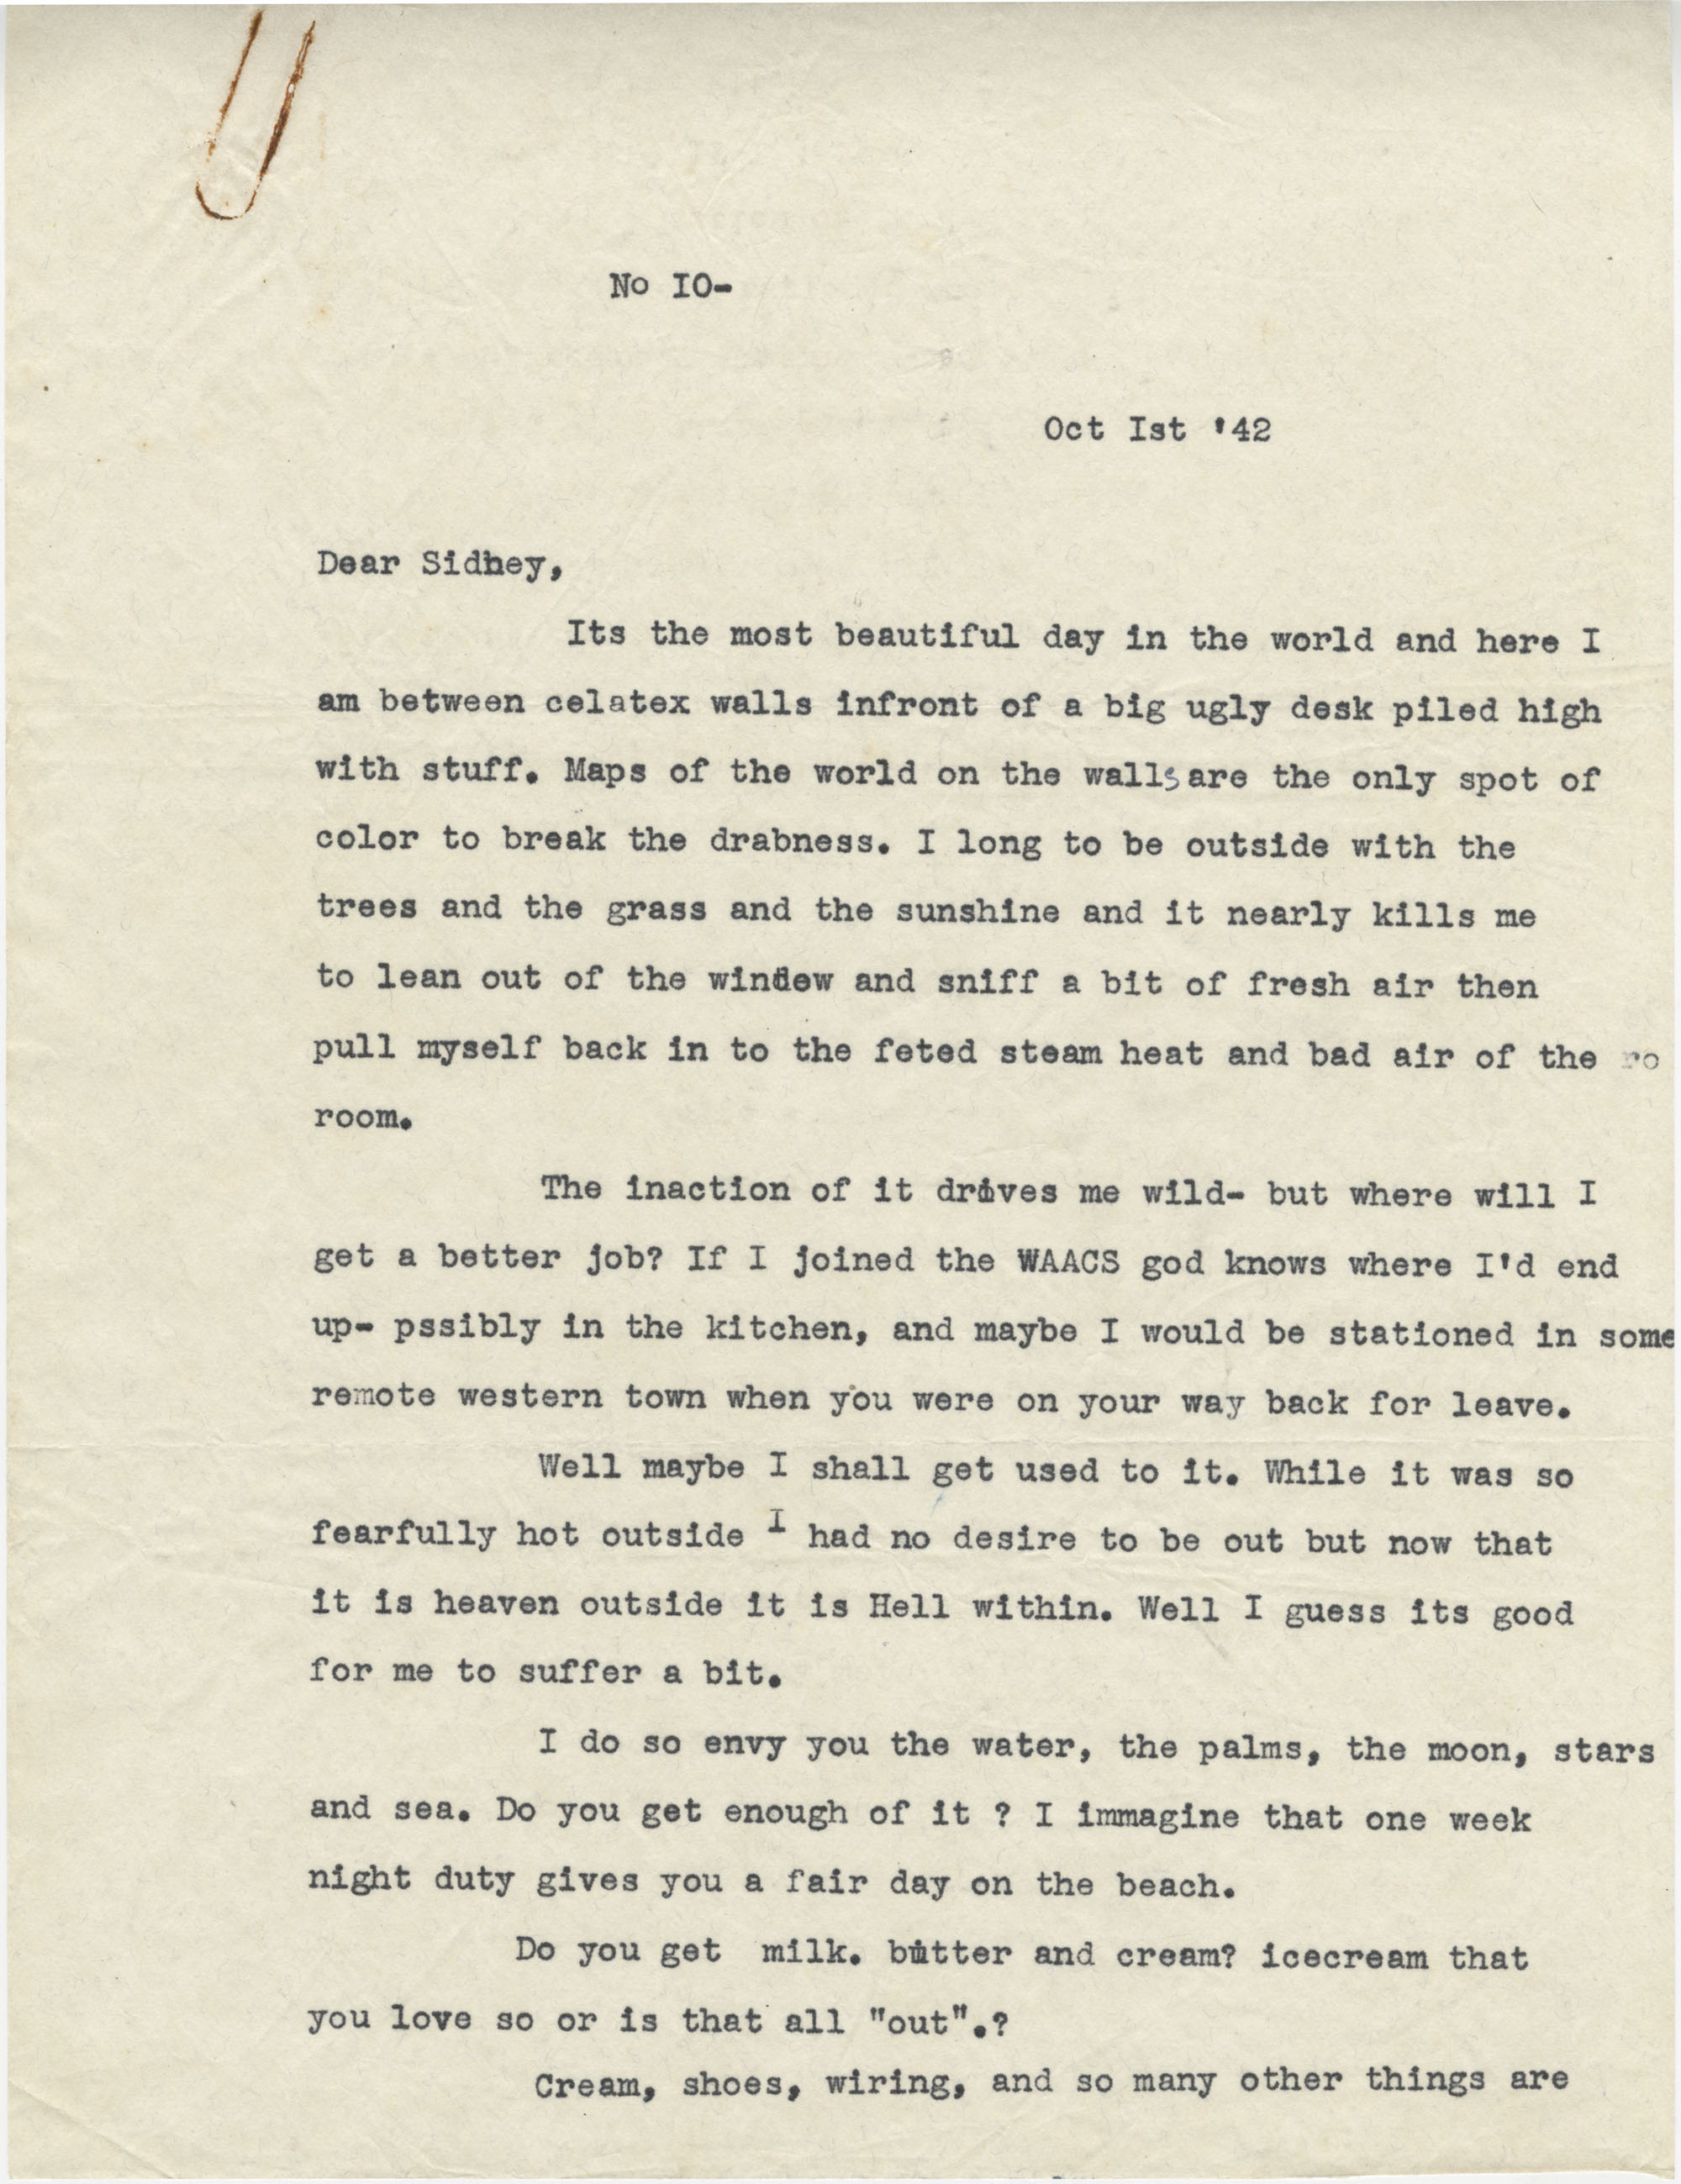 Letter from Gertrude Sanford Legendre, October 1, 1942